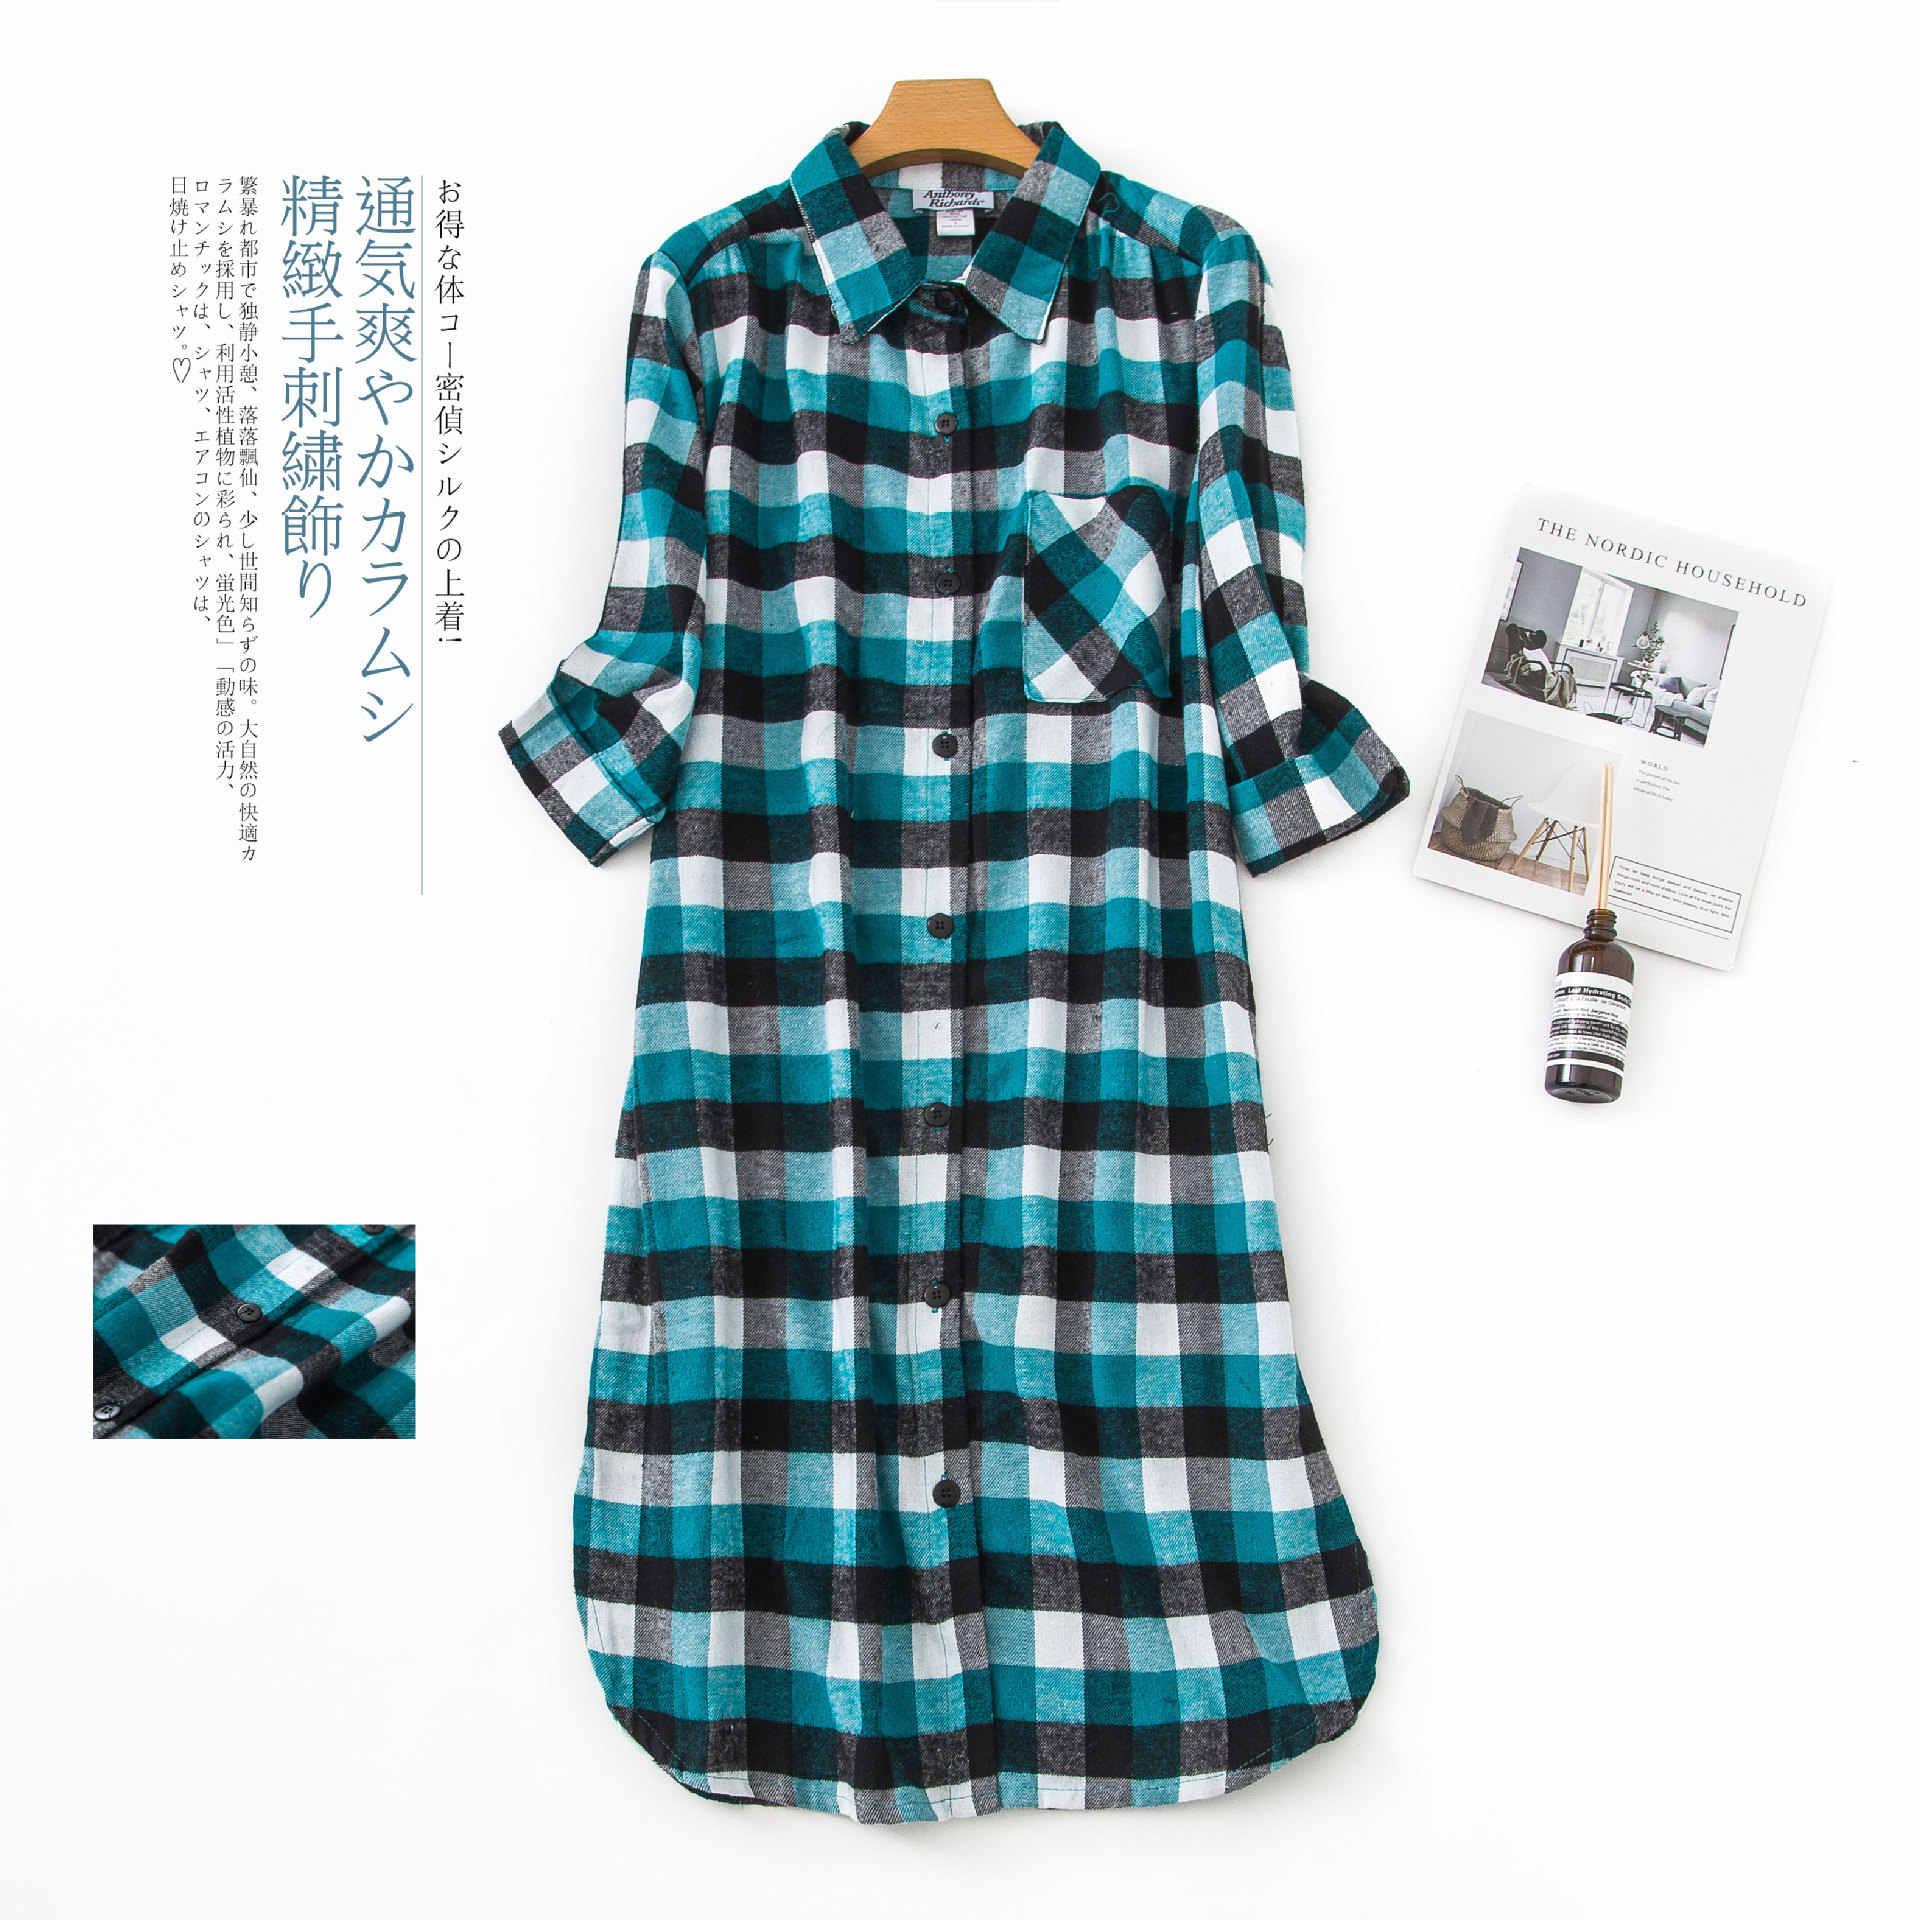 Shuchan демисезонный плюс размеры для женщин пижамы платье с 3/4 рукавом Хлопок плед Повседневная Ночная рубашка до колена Saias